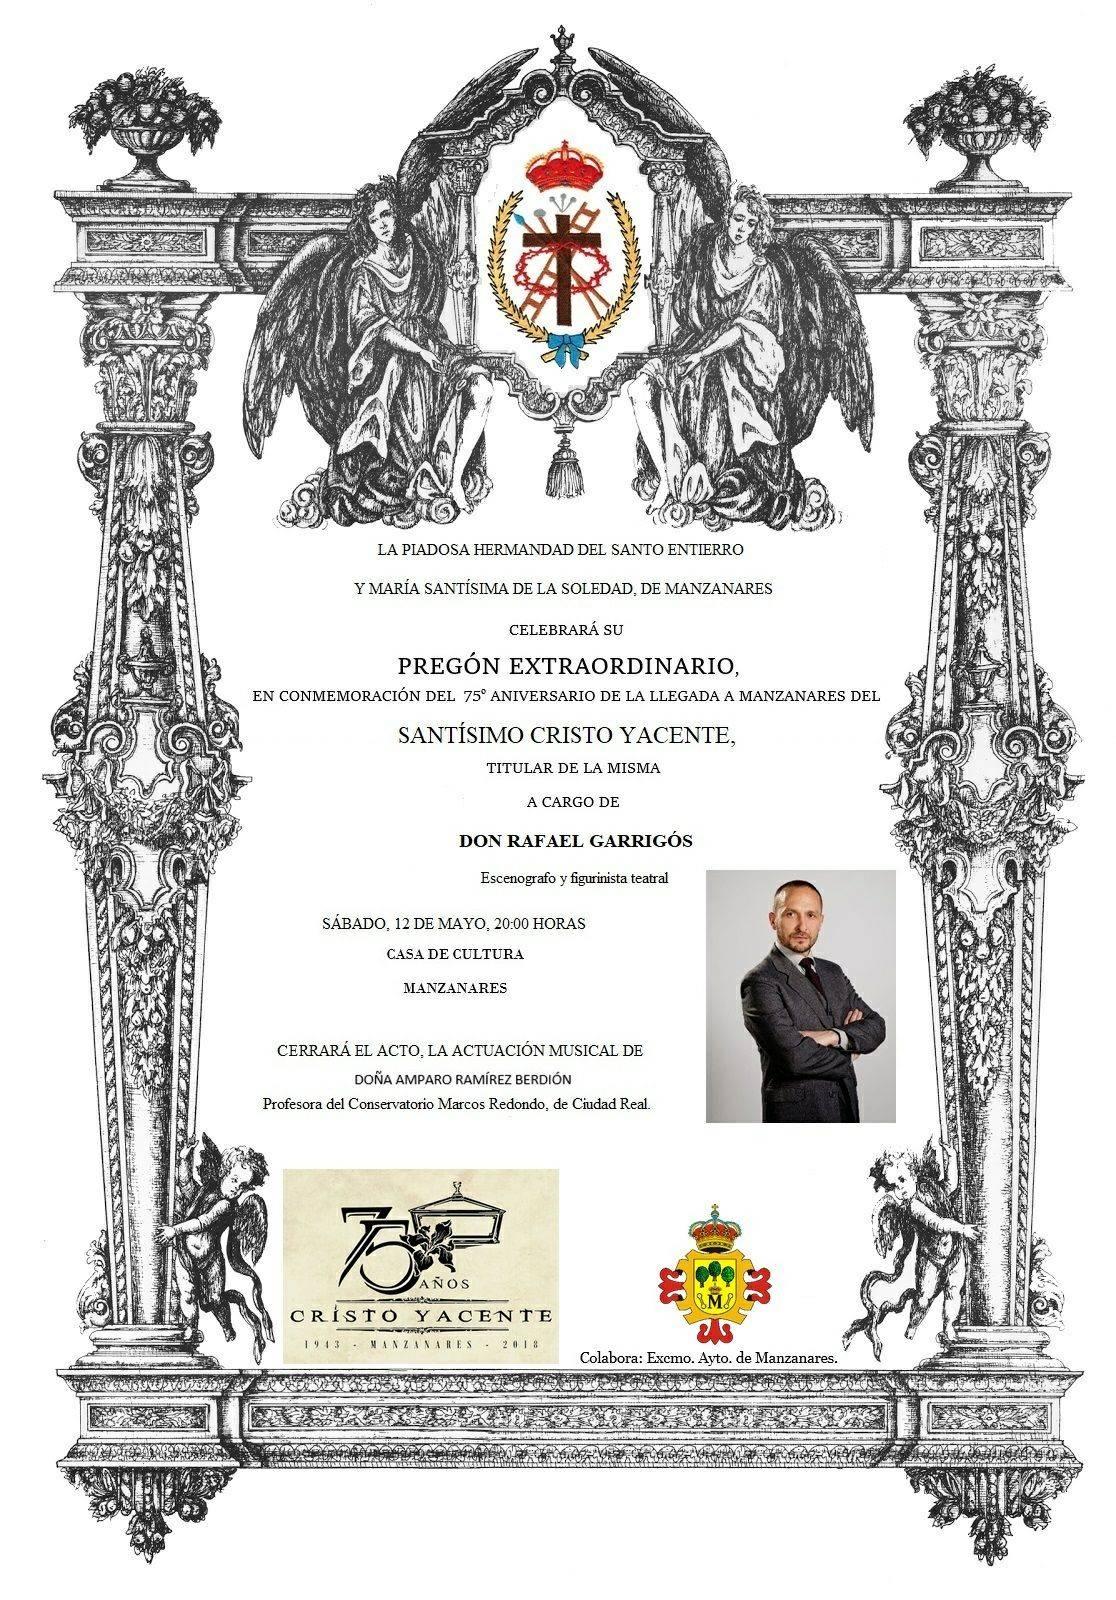 Pregon extraordinario de Rafael Garrigos en Manzanares 75 aniversario Cristo Yacente Santo Entierro - Rafael Garrigós dará el pregón extraordinario de la Hermandad del Santo Entierro de Manzanares